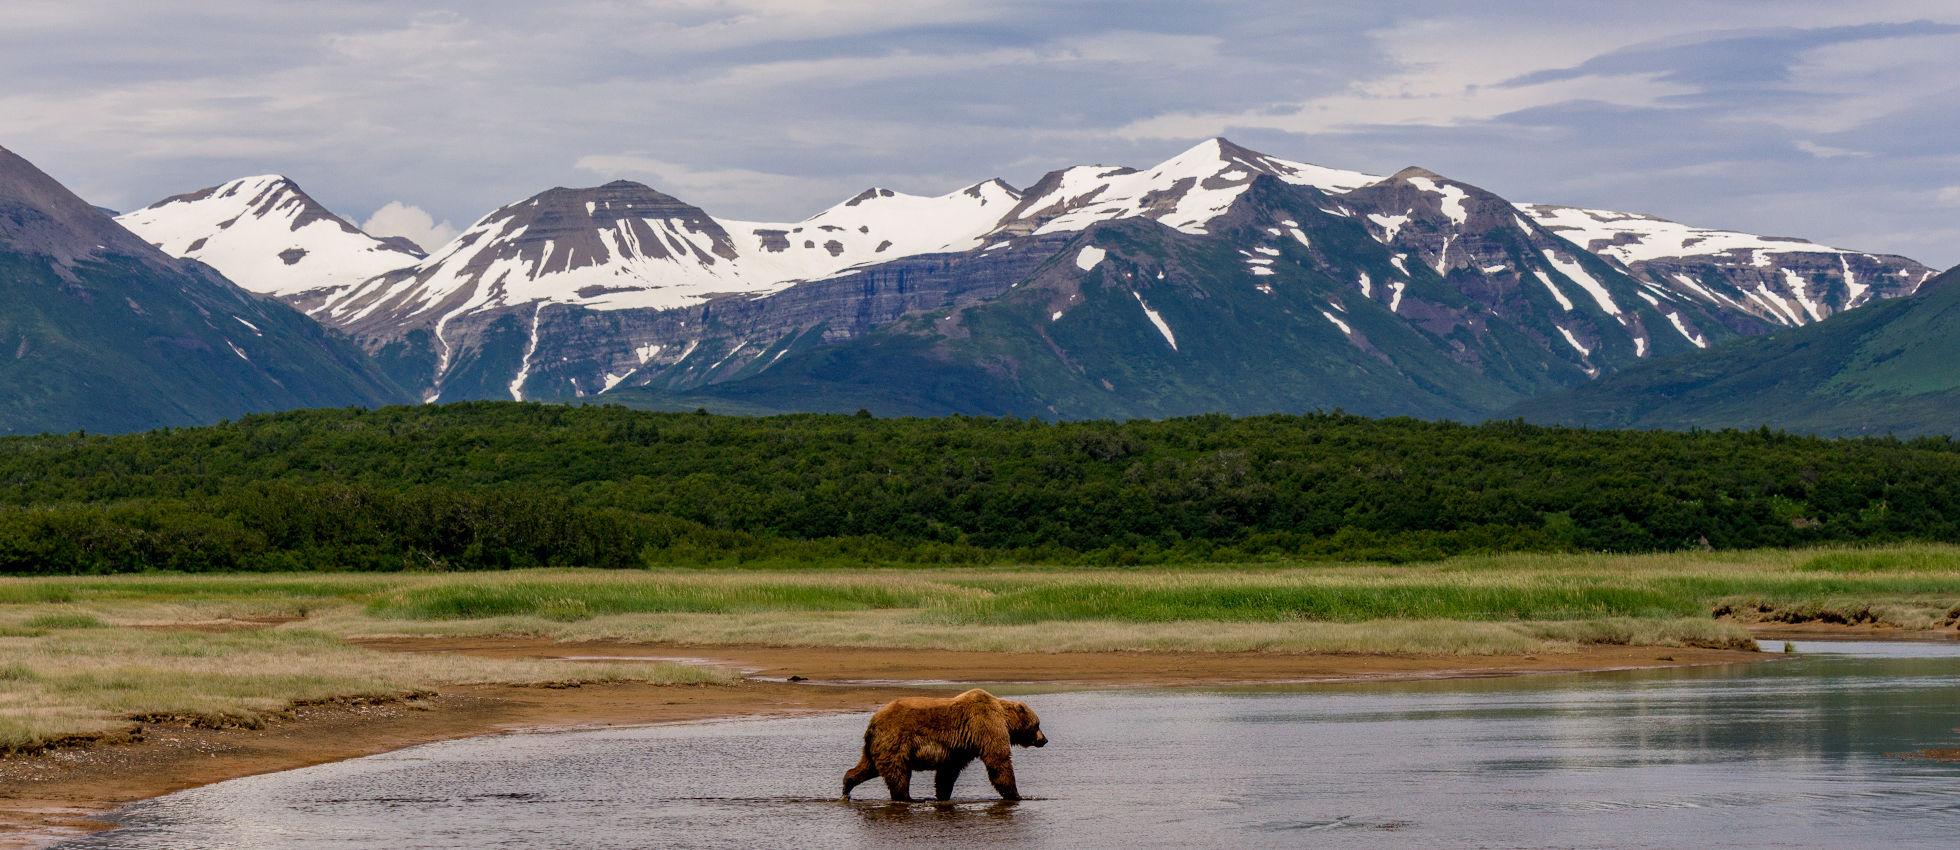 Summer Program - Kayaking | ARCC Programs | Alaska: Leadership in the Last Frontier